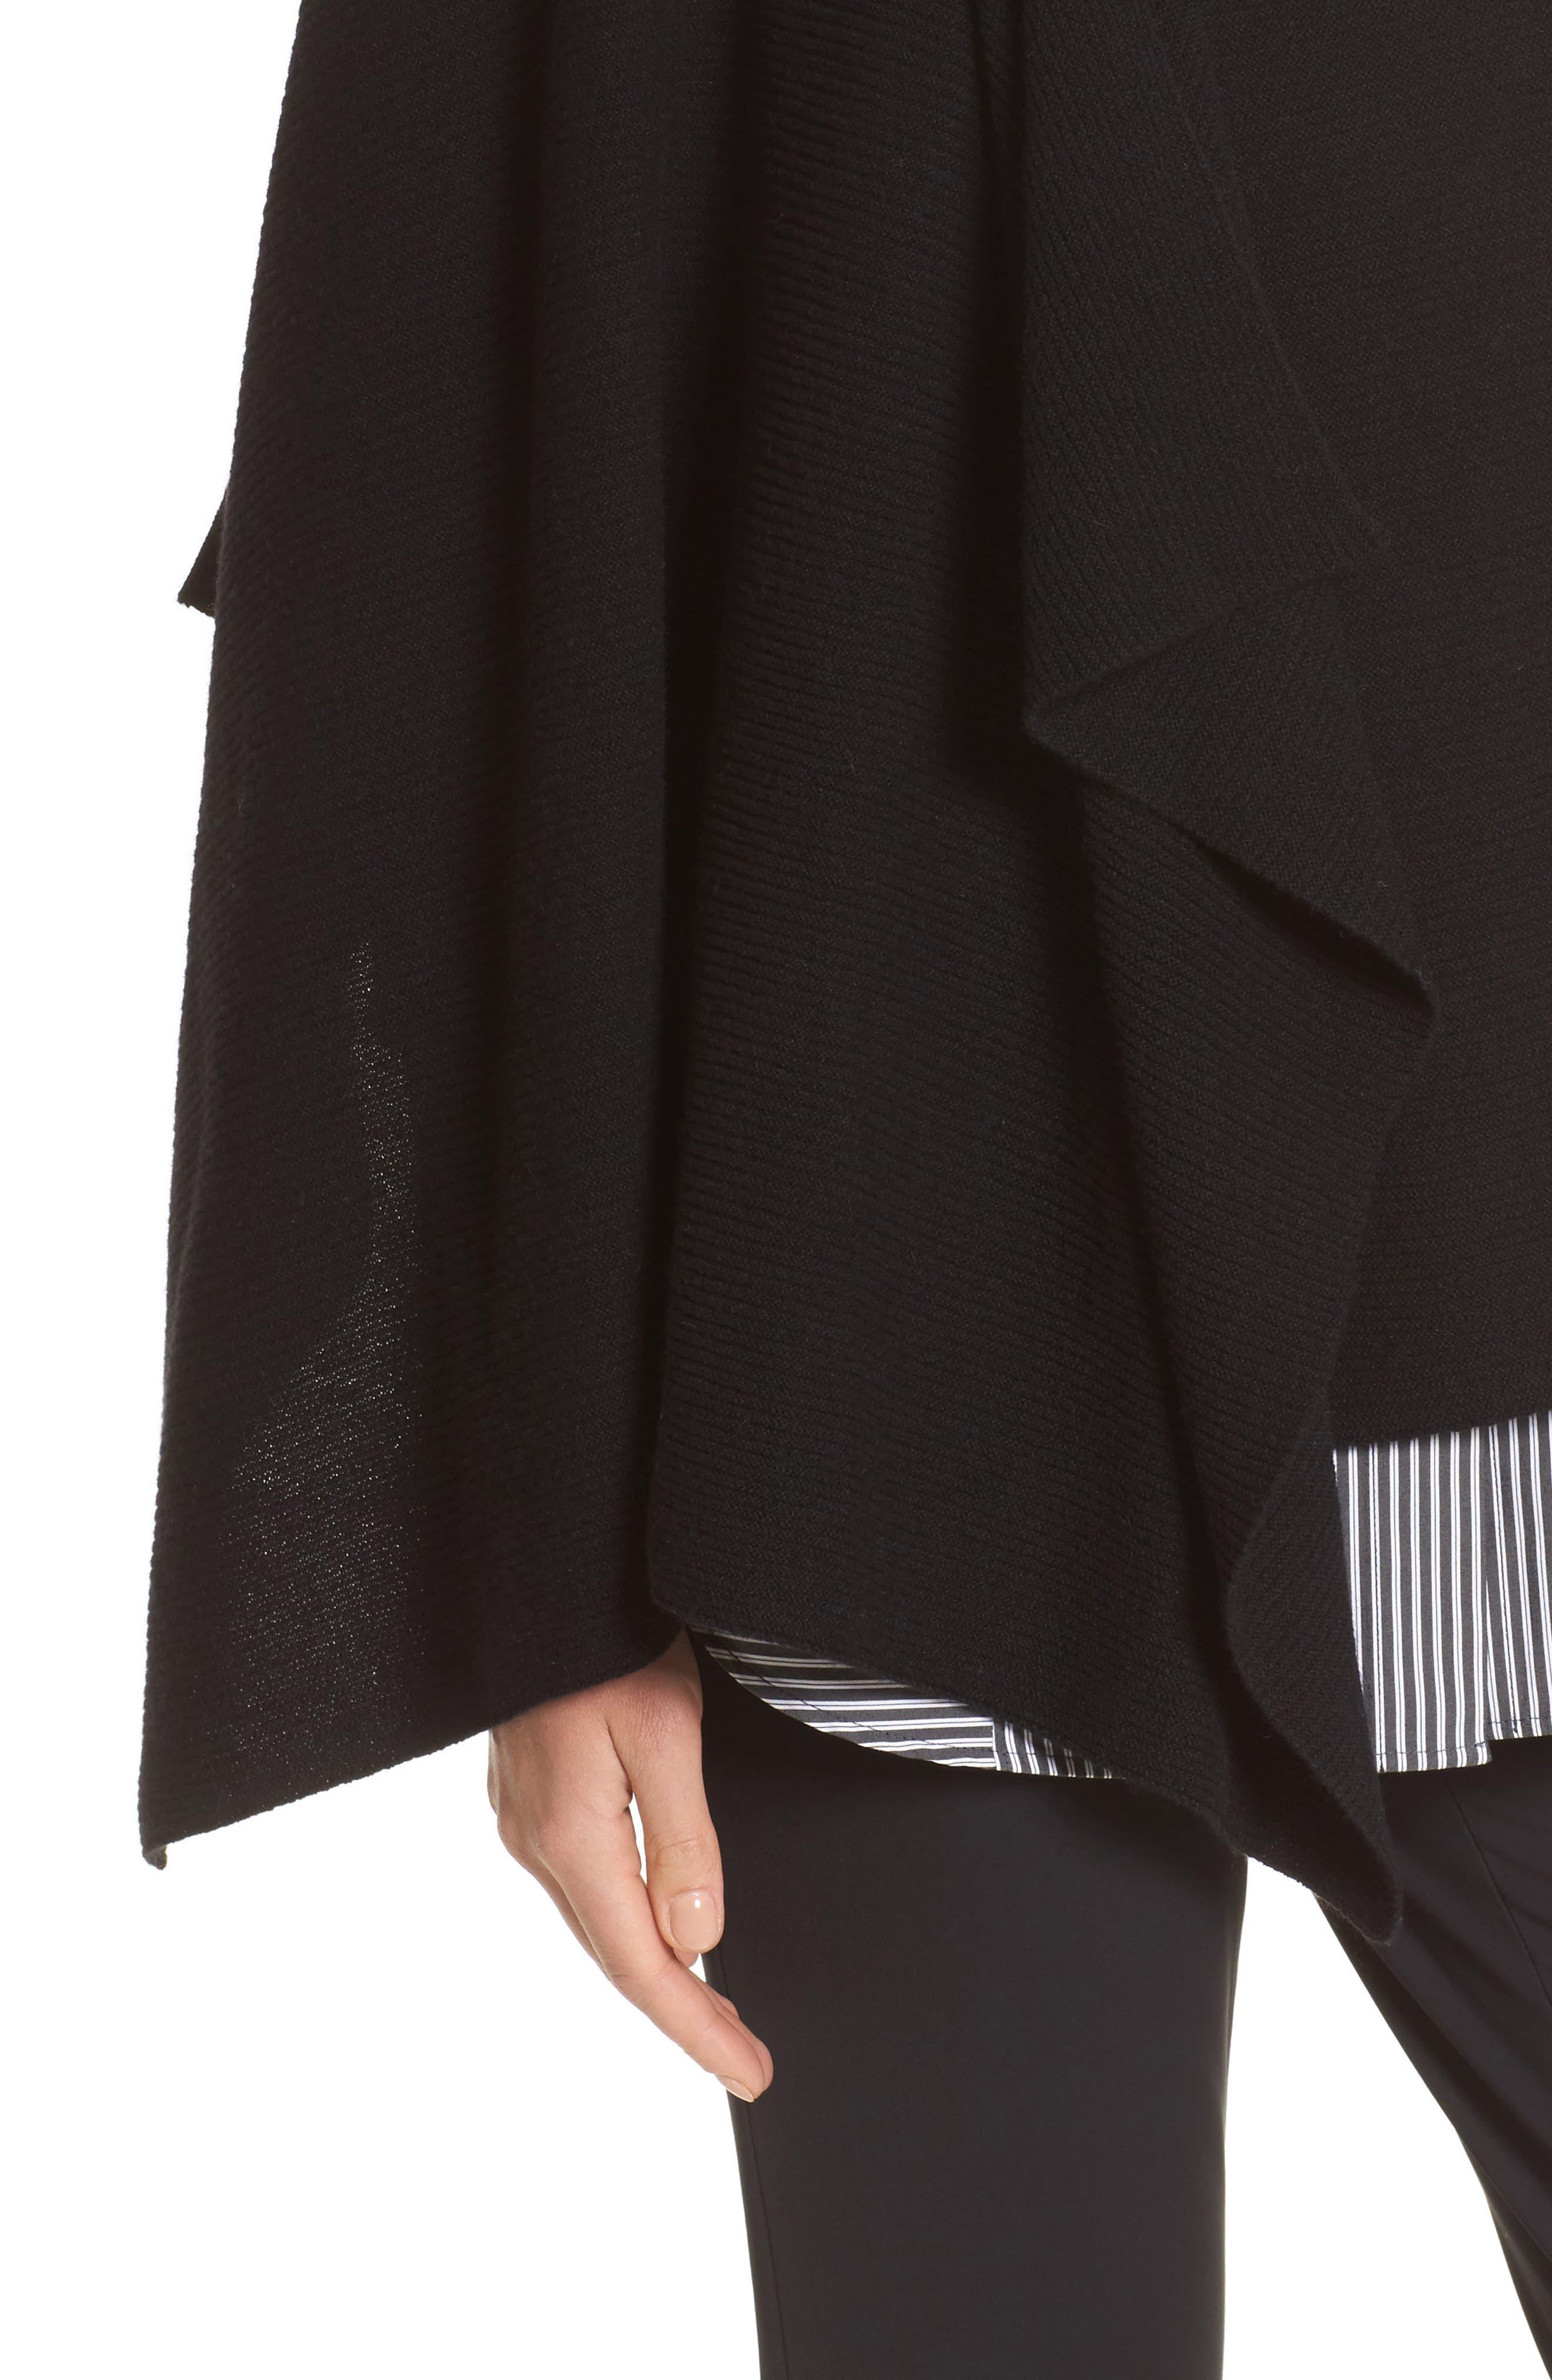 Cashmere Wrap,                             Alternate thumbnail 6, color,                             Black